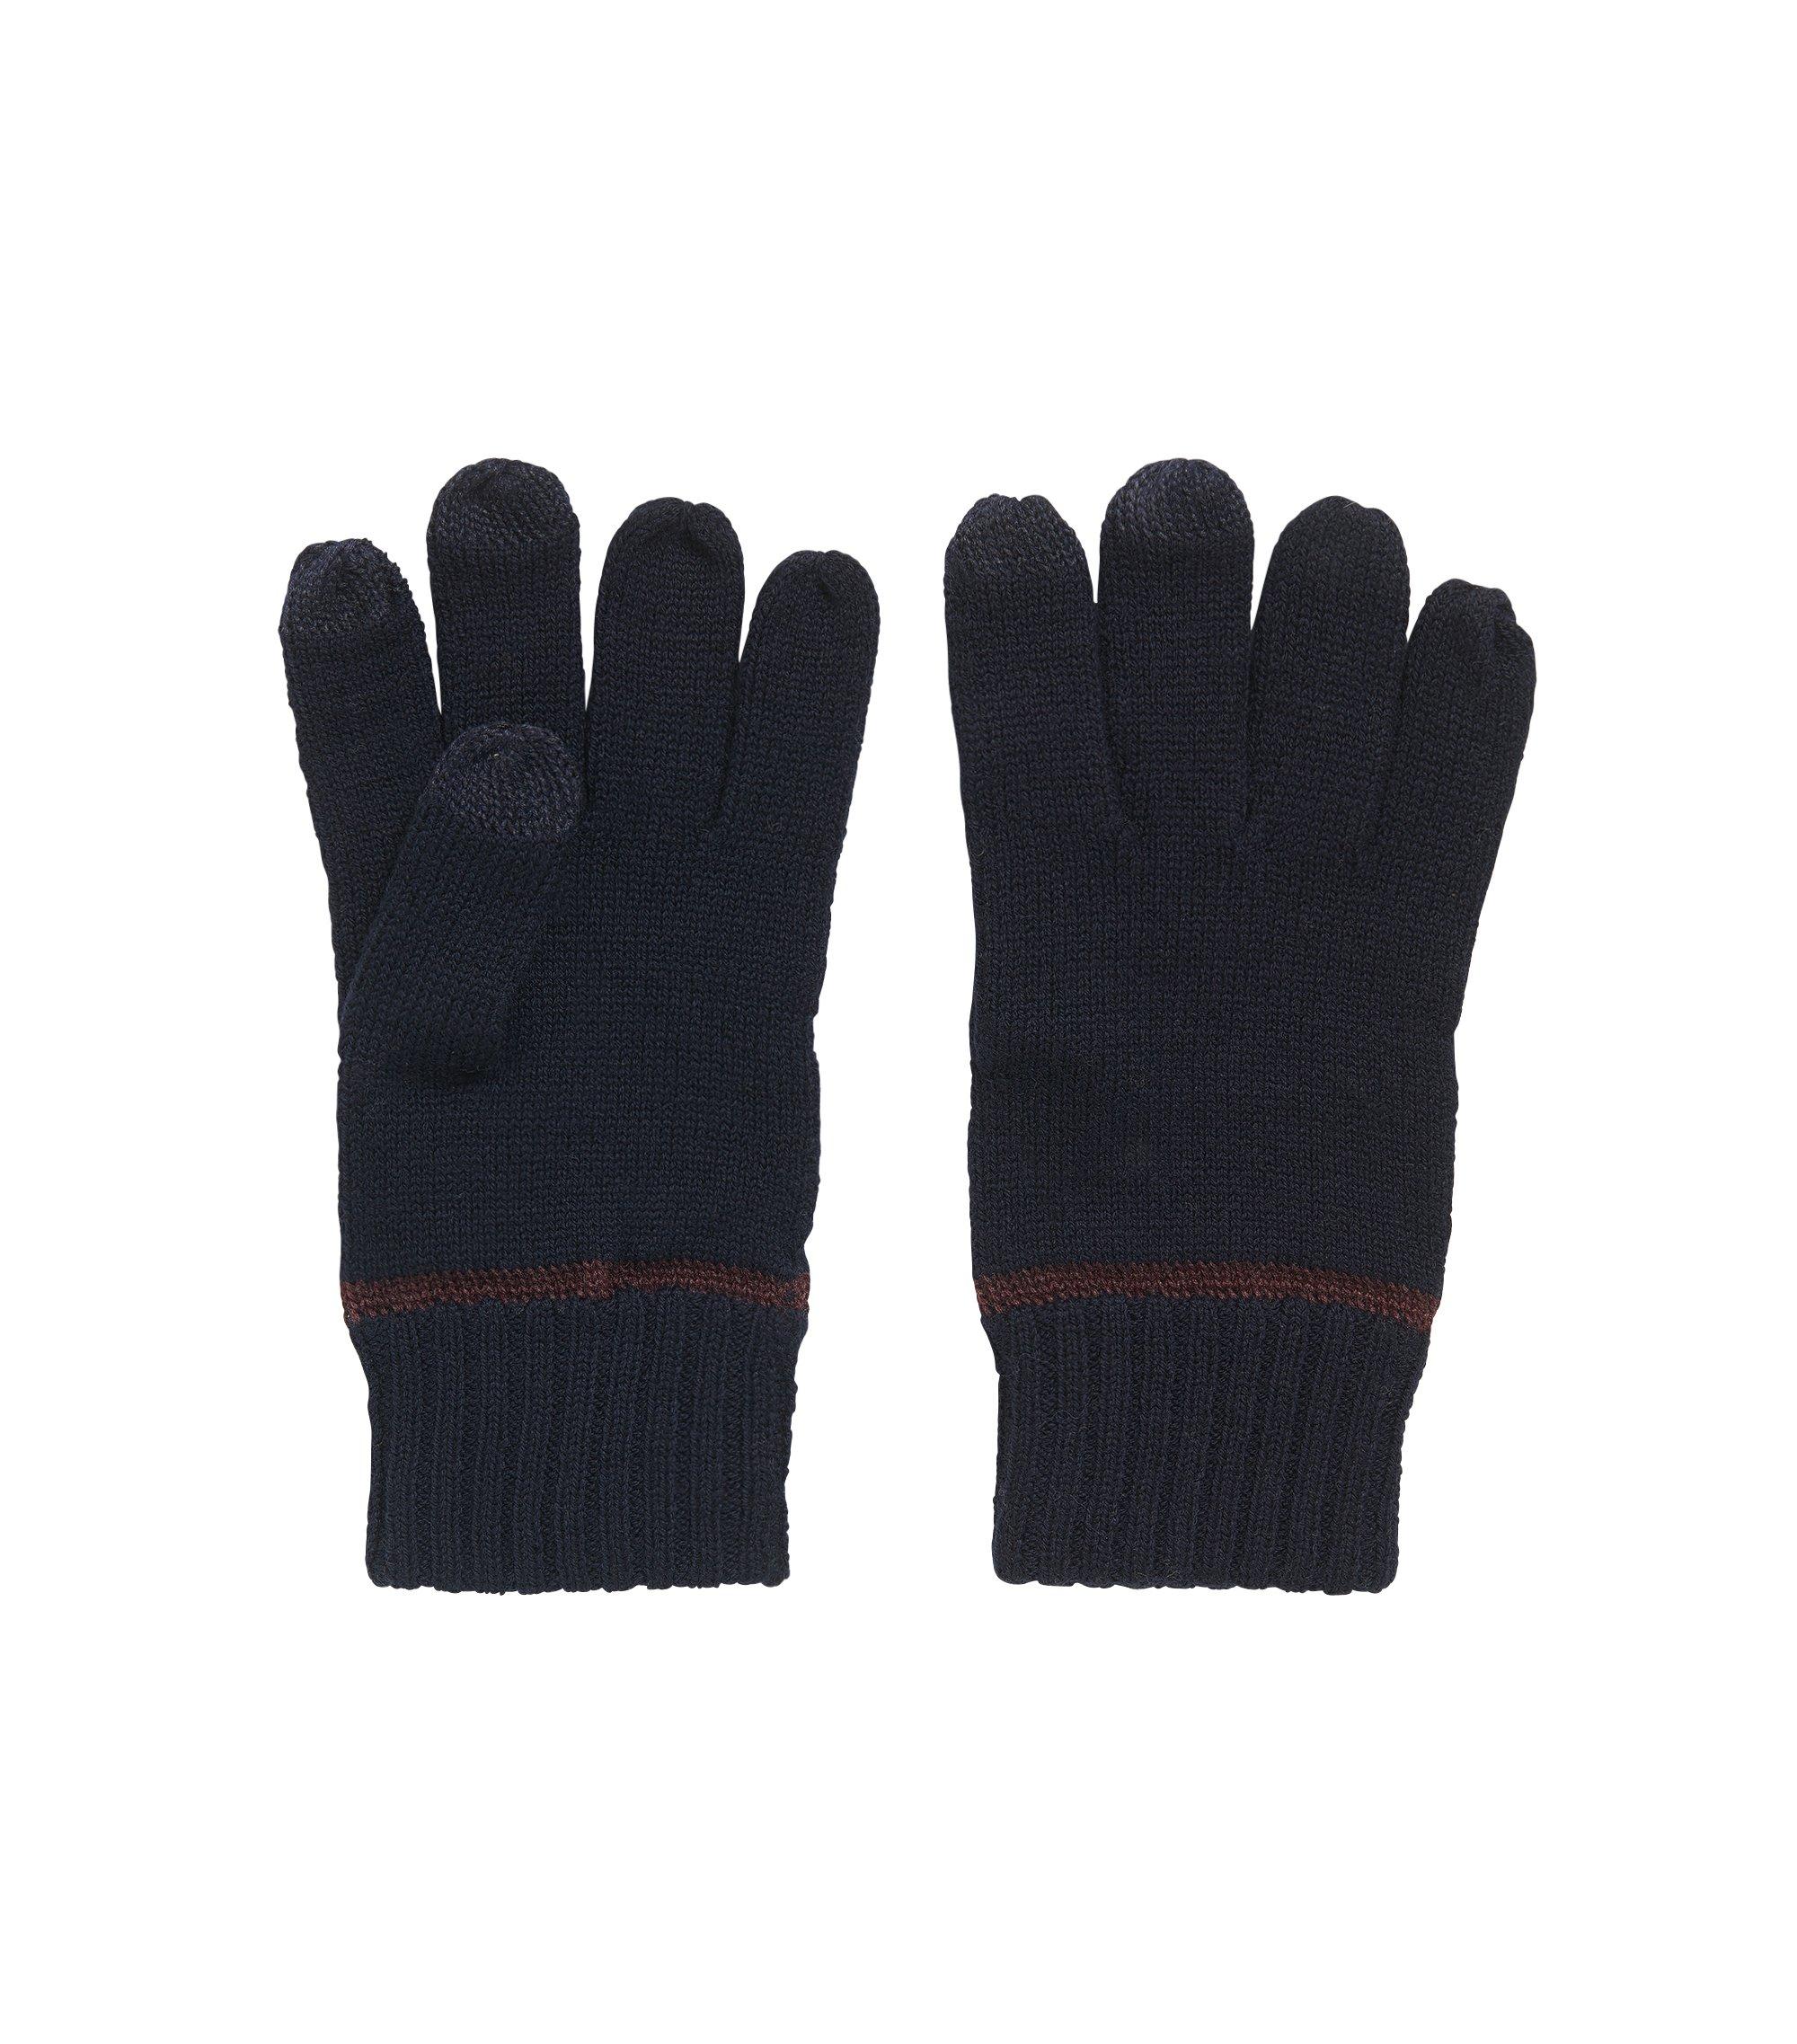 Handschoenen van een wolmix met touchscreen-functionaliteit, Donkerblauw